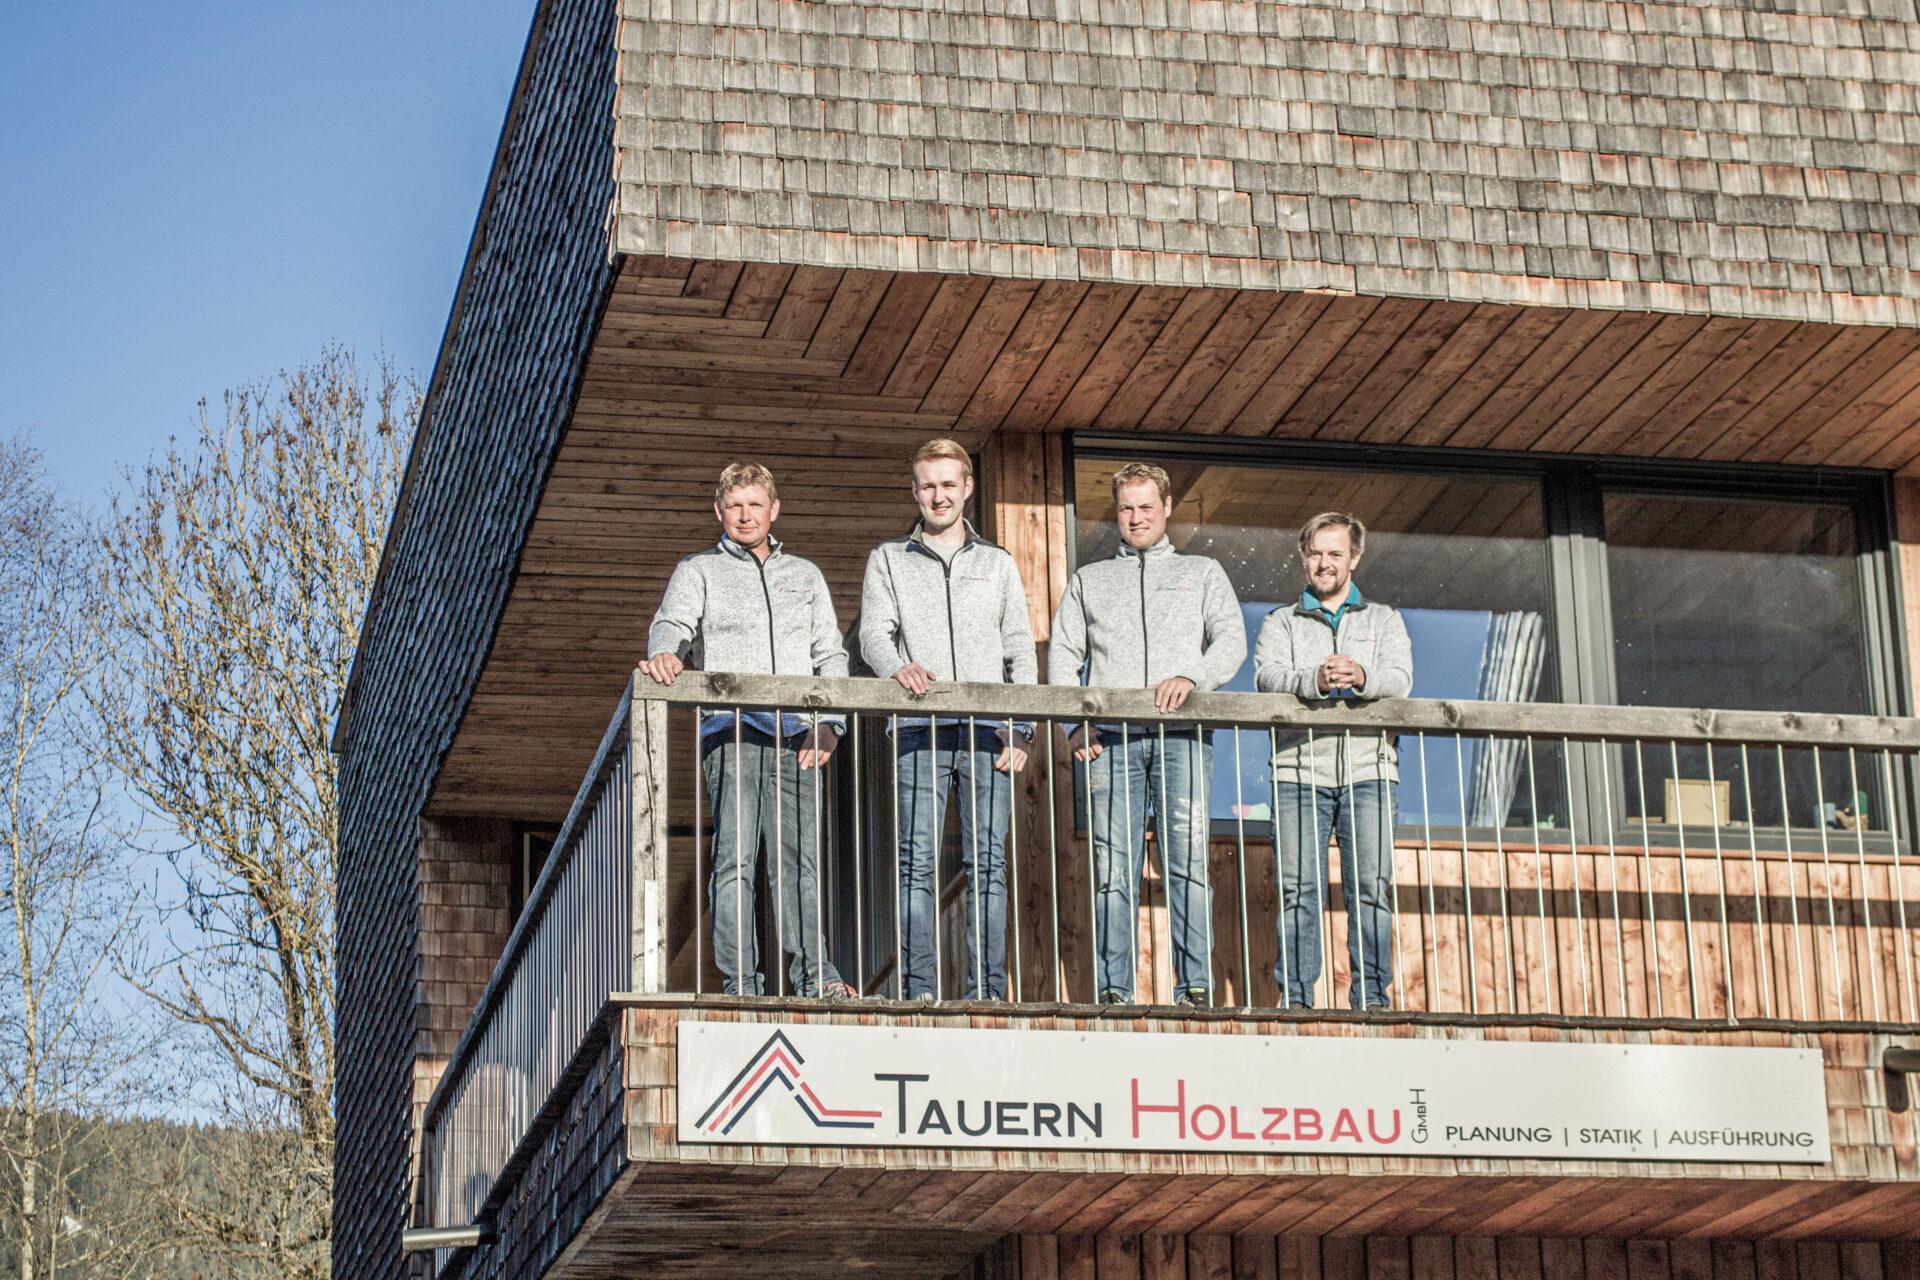 Gründer Tauern Holzbau